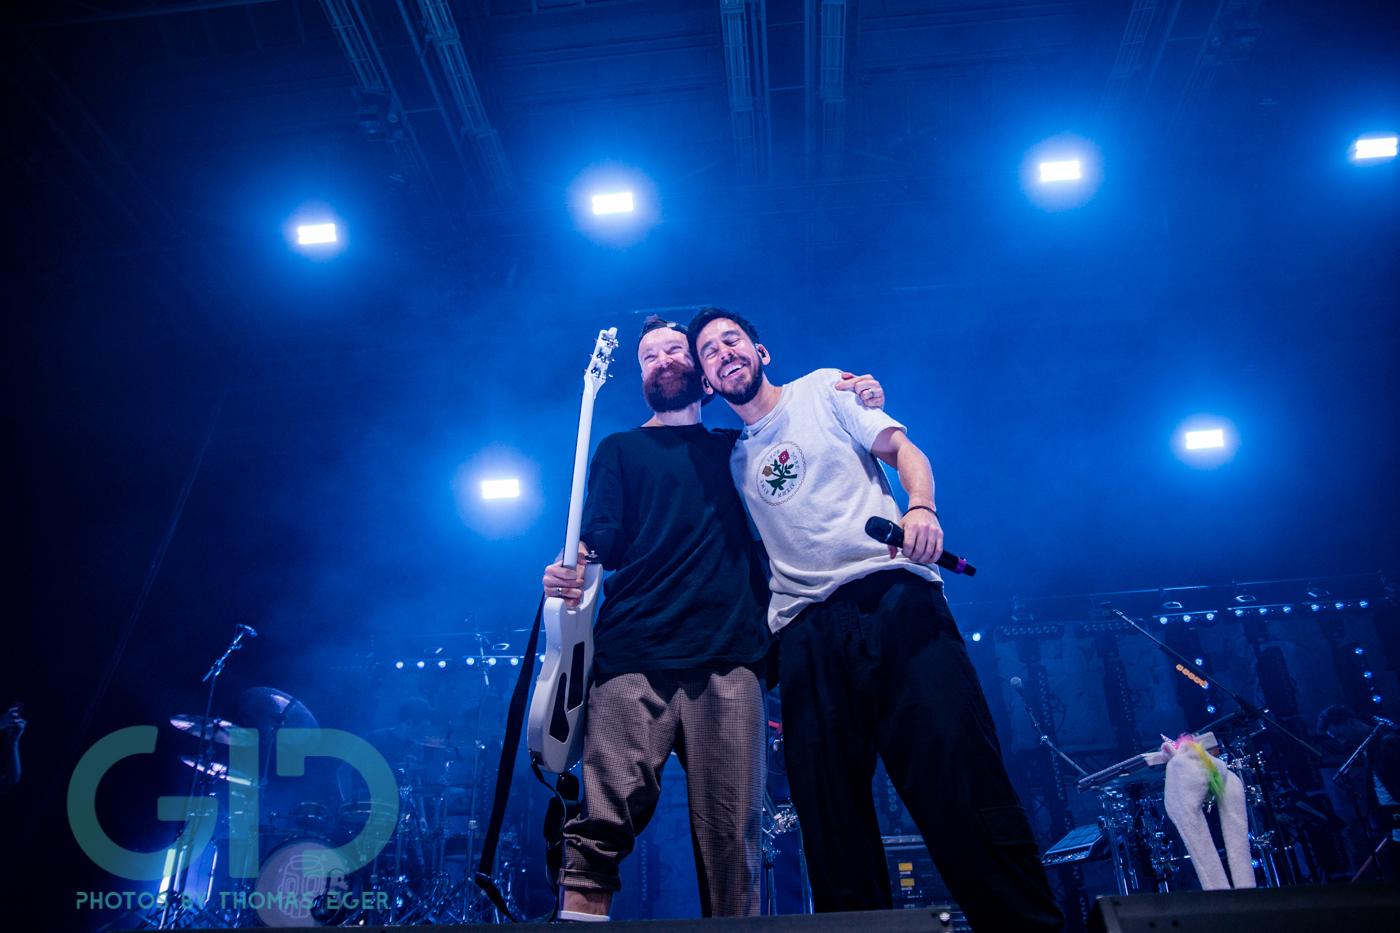 Mike-Shinoda-Hamburg-08.03.19-100